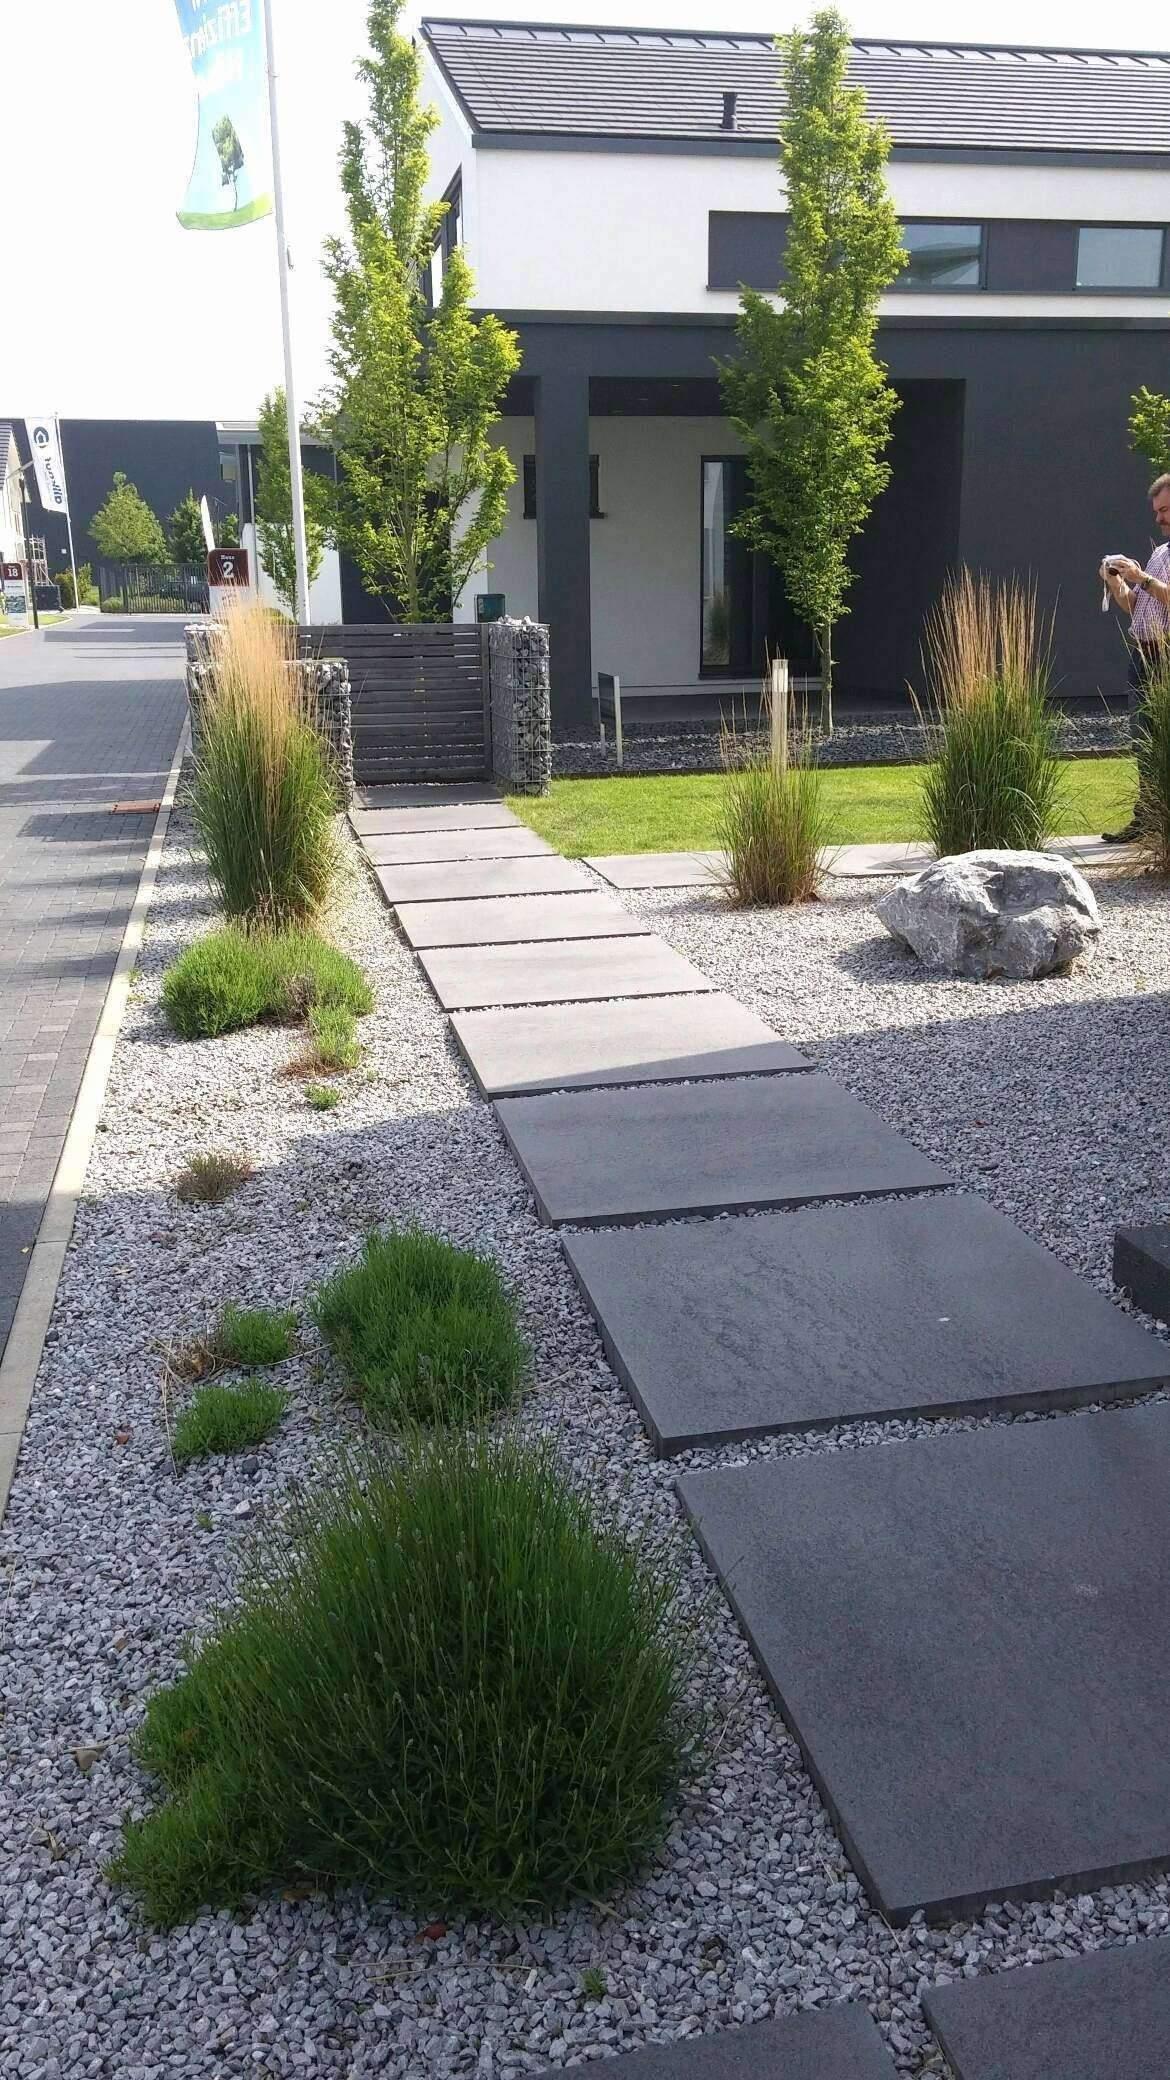 Reihenhaus Gartengestaltung Luxus 26 Genial Haus Garten Neu